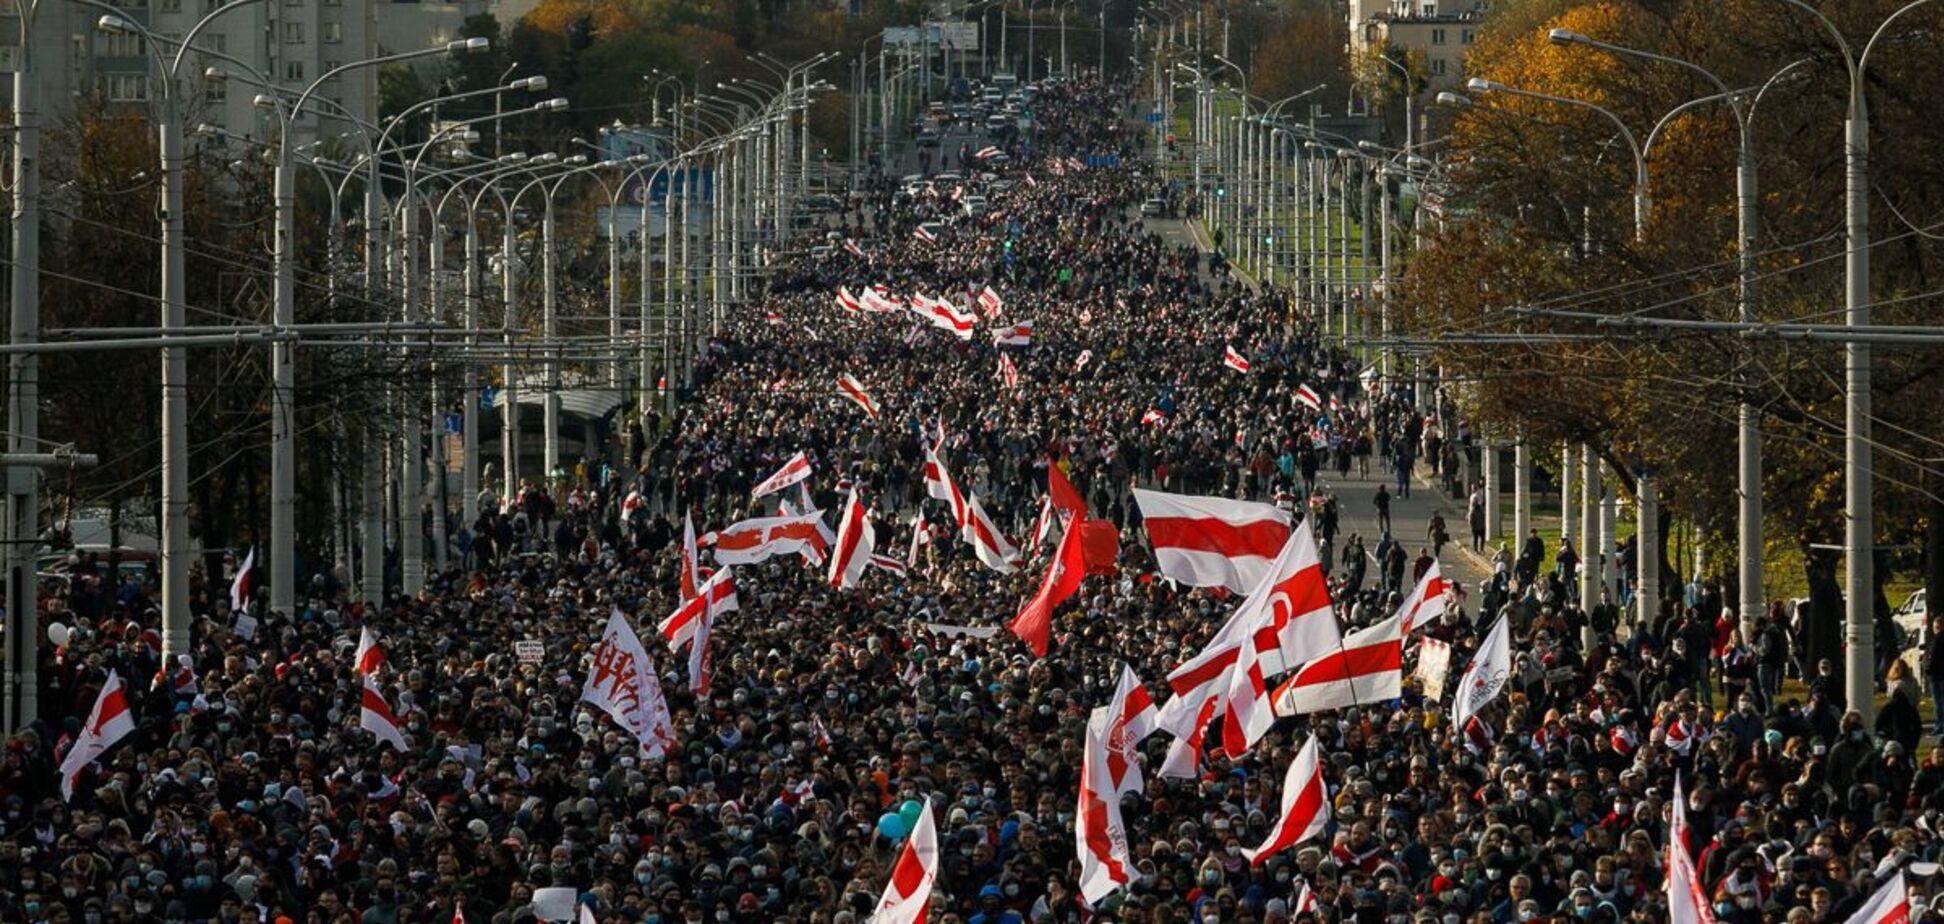 Протесты в Беларуси из-за фальсификации результатов президентских выборов закончились